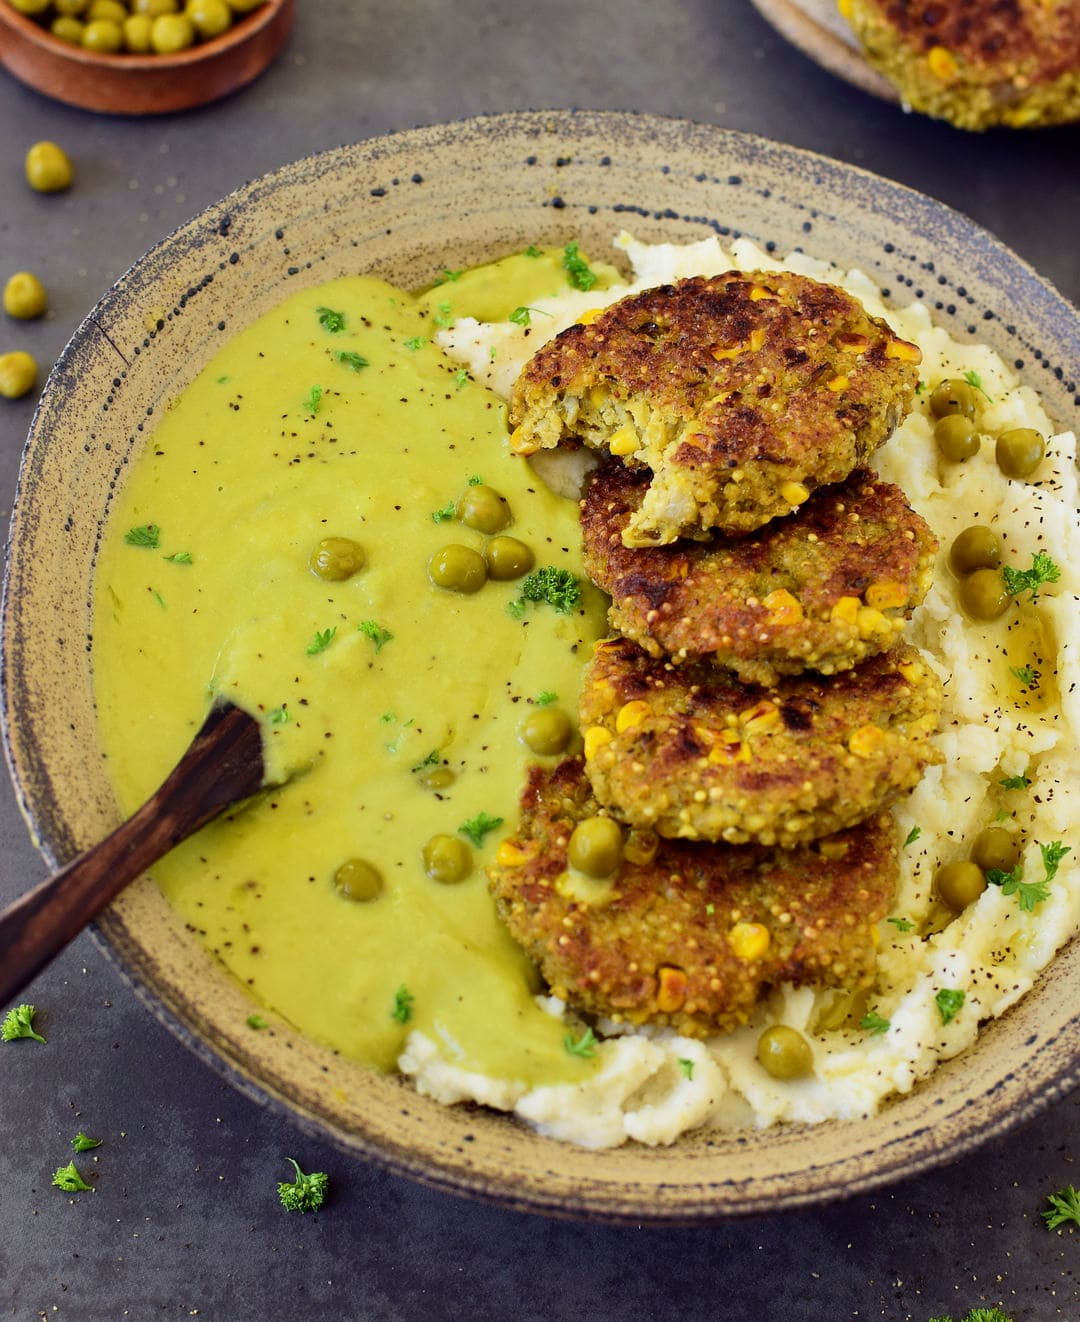 Hirsebratlinge mit einer cremigen Erbsensauce und Kartoffelpüree. Dieses Rezept ist vegan, gesund, glutenfrei, einfach zu machen und das perfekte Komfortessen. Die Bratlinge eignen sich gut als Mittag- oder Abendessen, aber sind auch perfekt für unterwegs